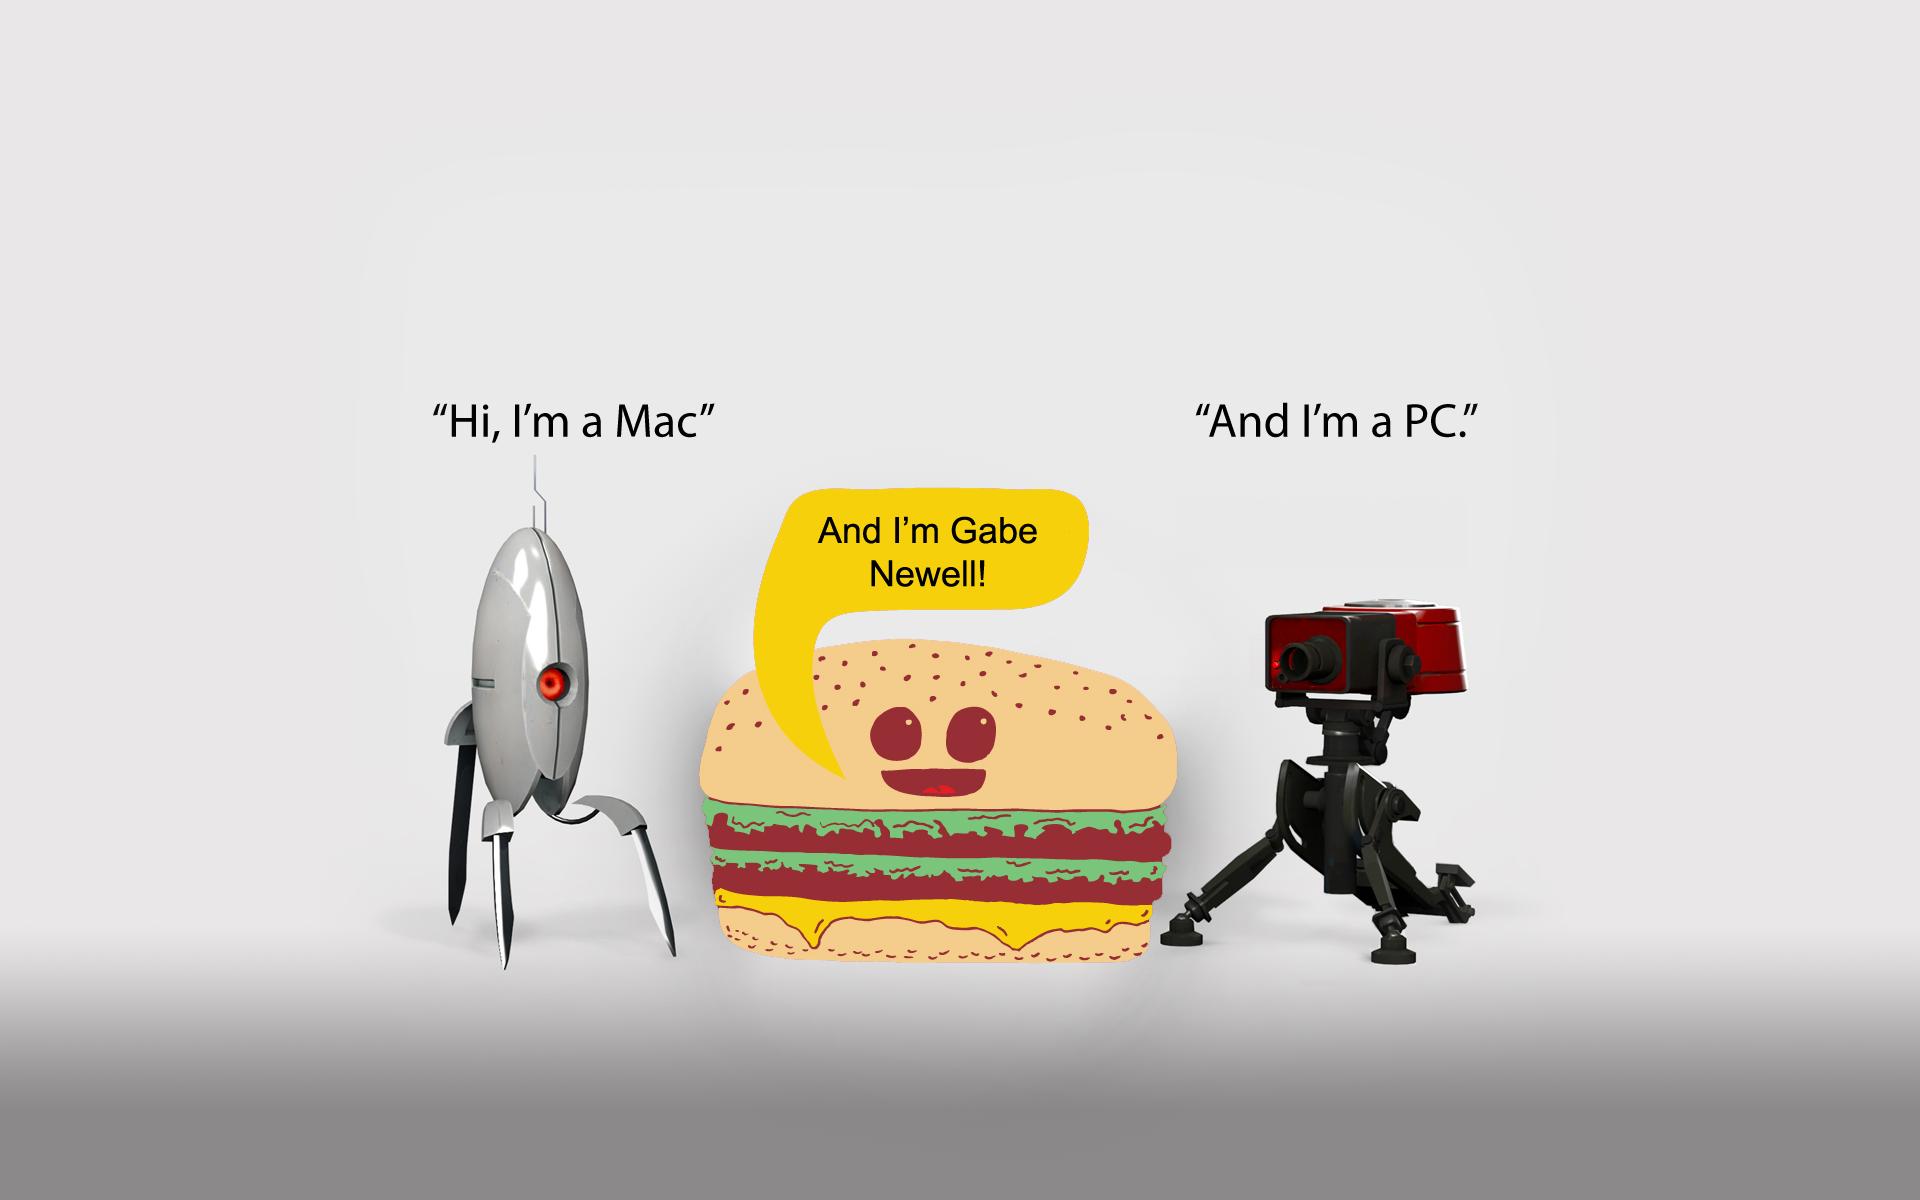 portal, mac, funny, pc, team fortress 2, gabe newell, hamburgers